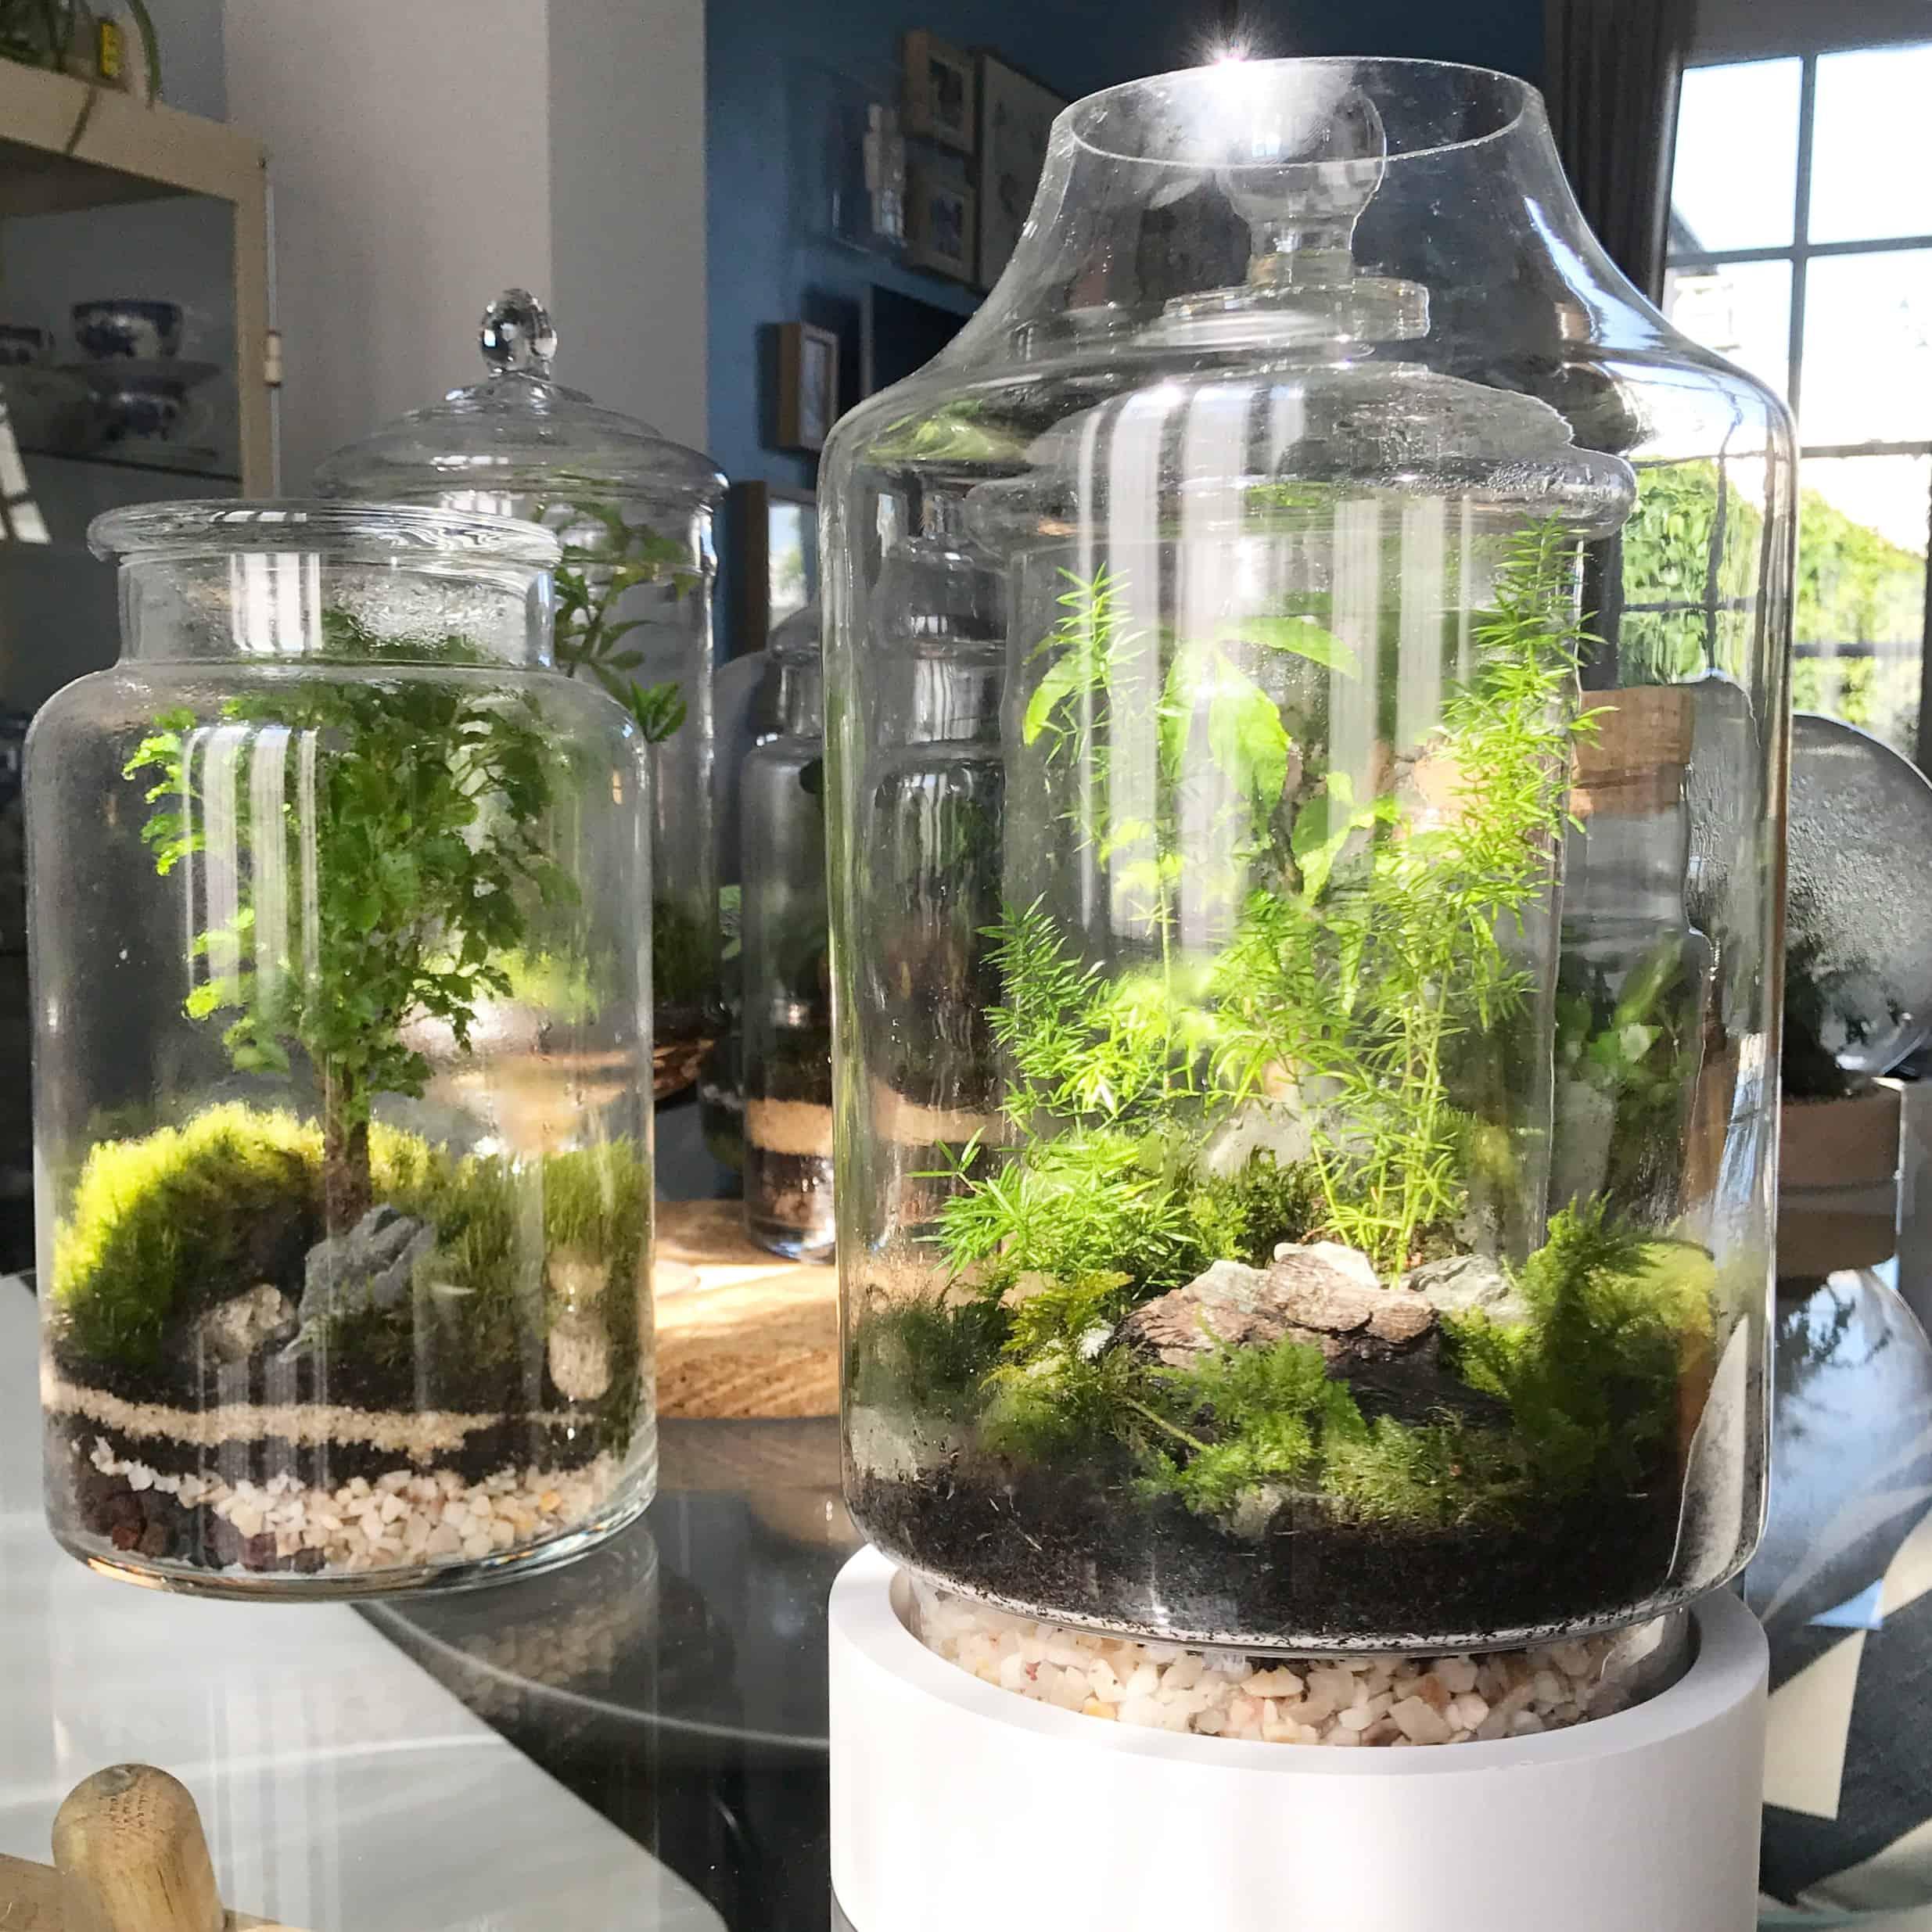 cr ez et fabriquez votre terrarium de plantes. Black Bedroom Furniture Sets. Home Design Ideas